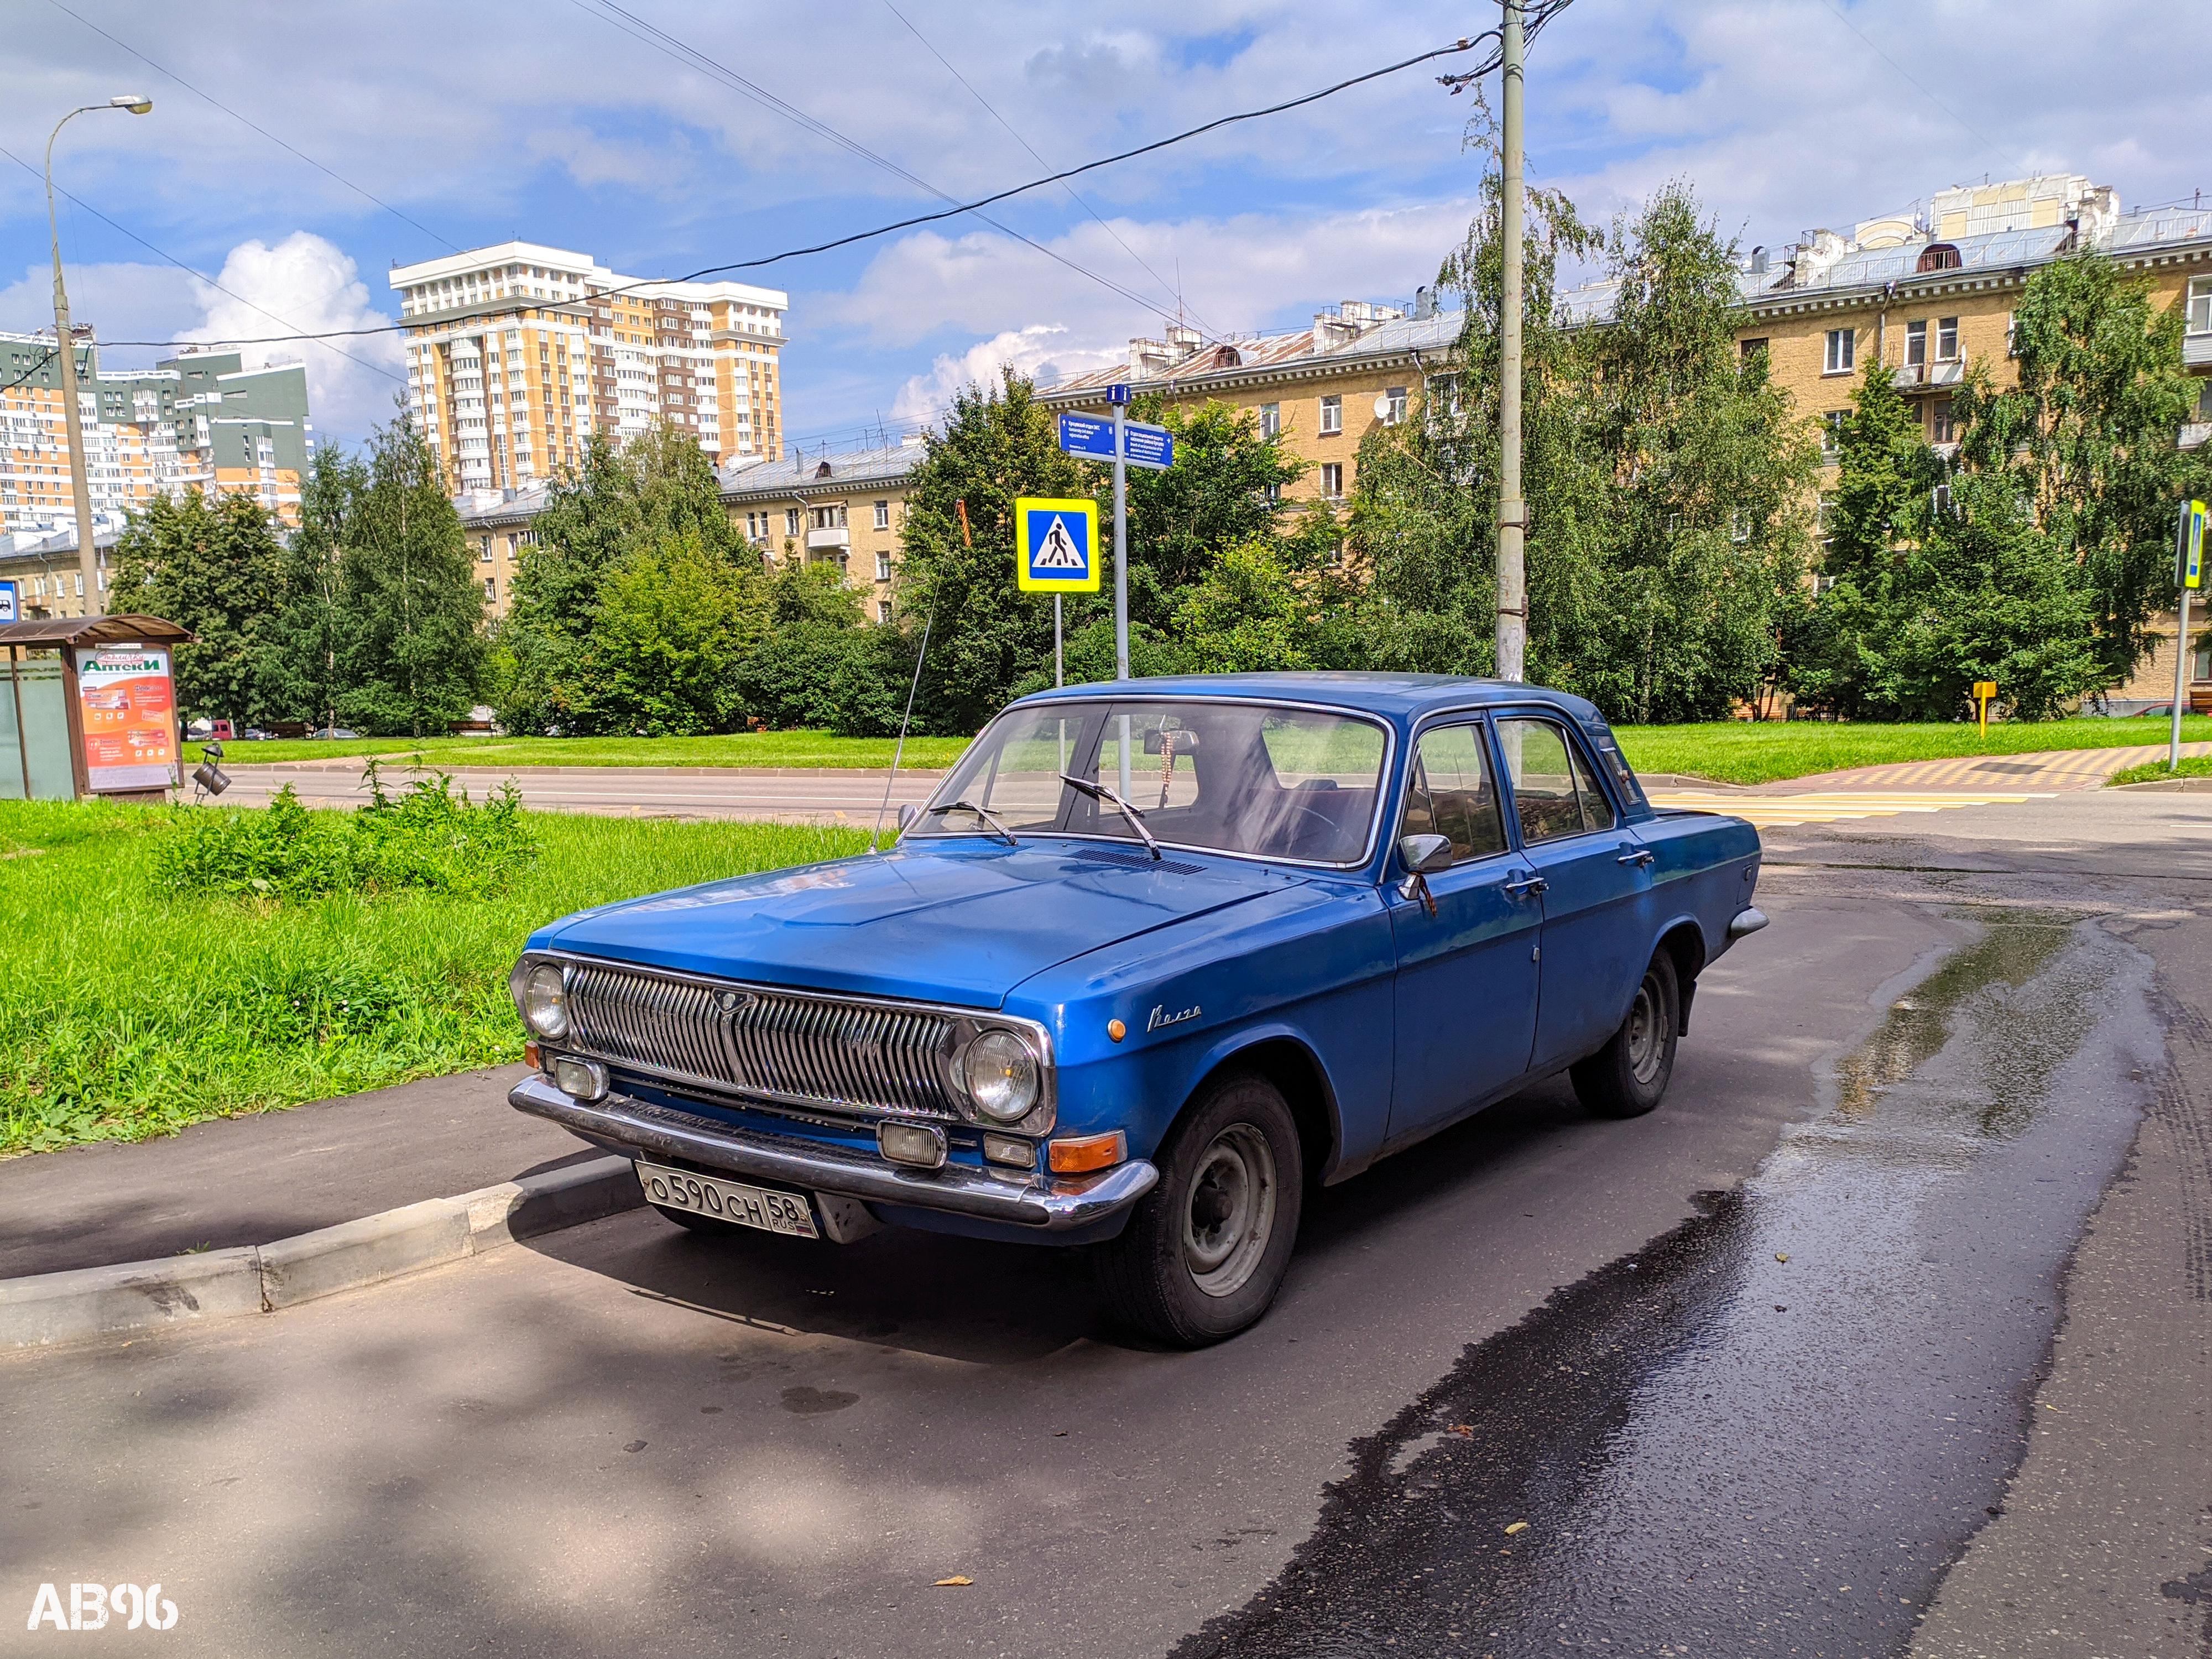 Волга - 2 августа 2020.jpg